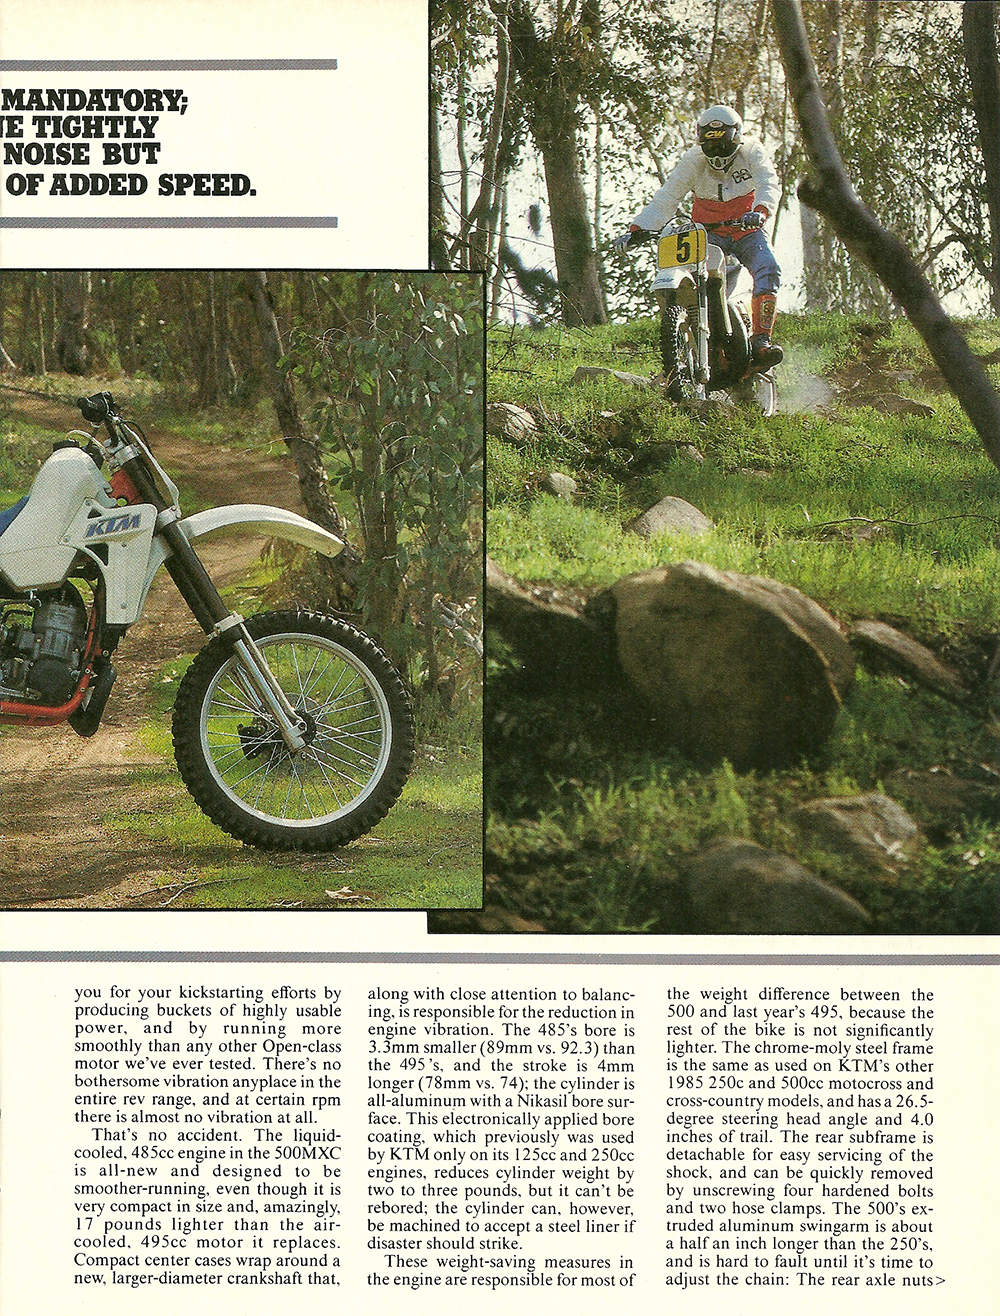 1985 KTM 500 MXC road test 04.jpg